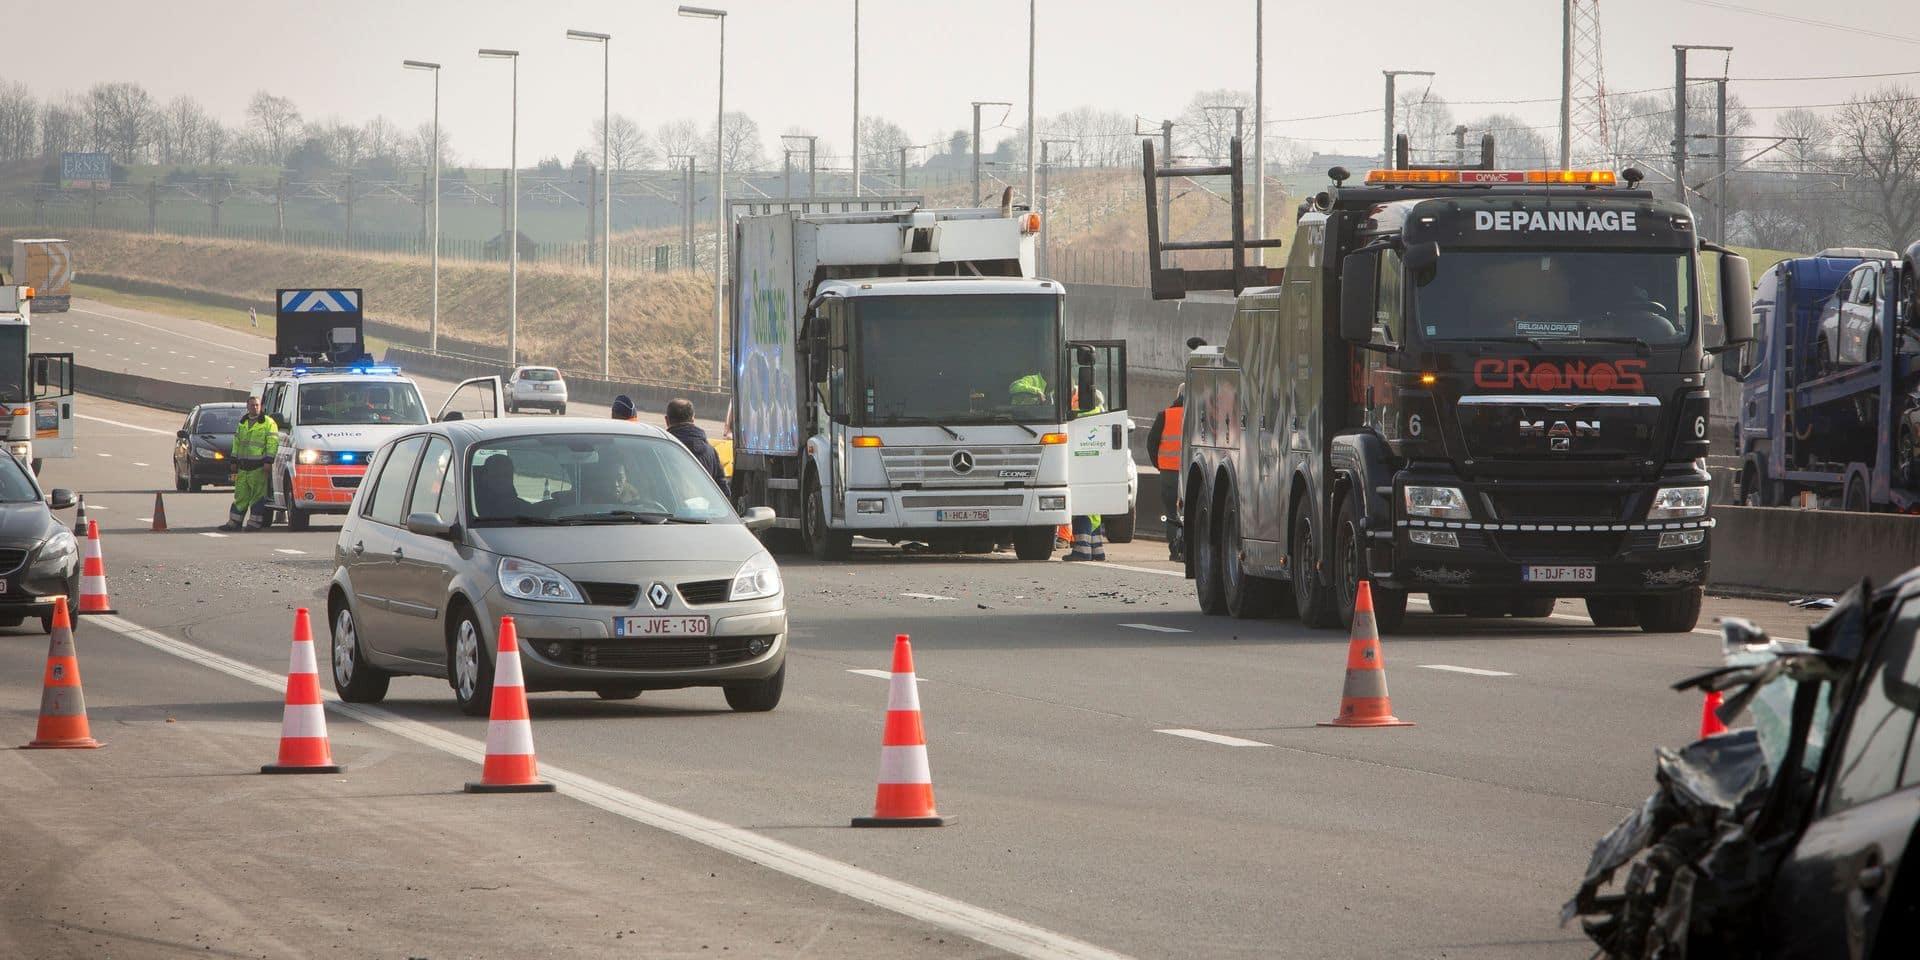 Herve - Accident autoroute E40